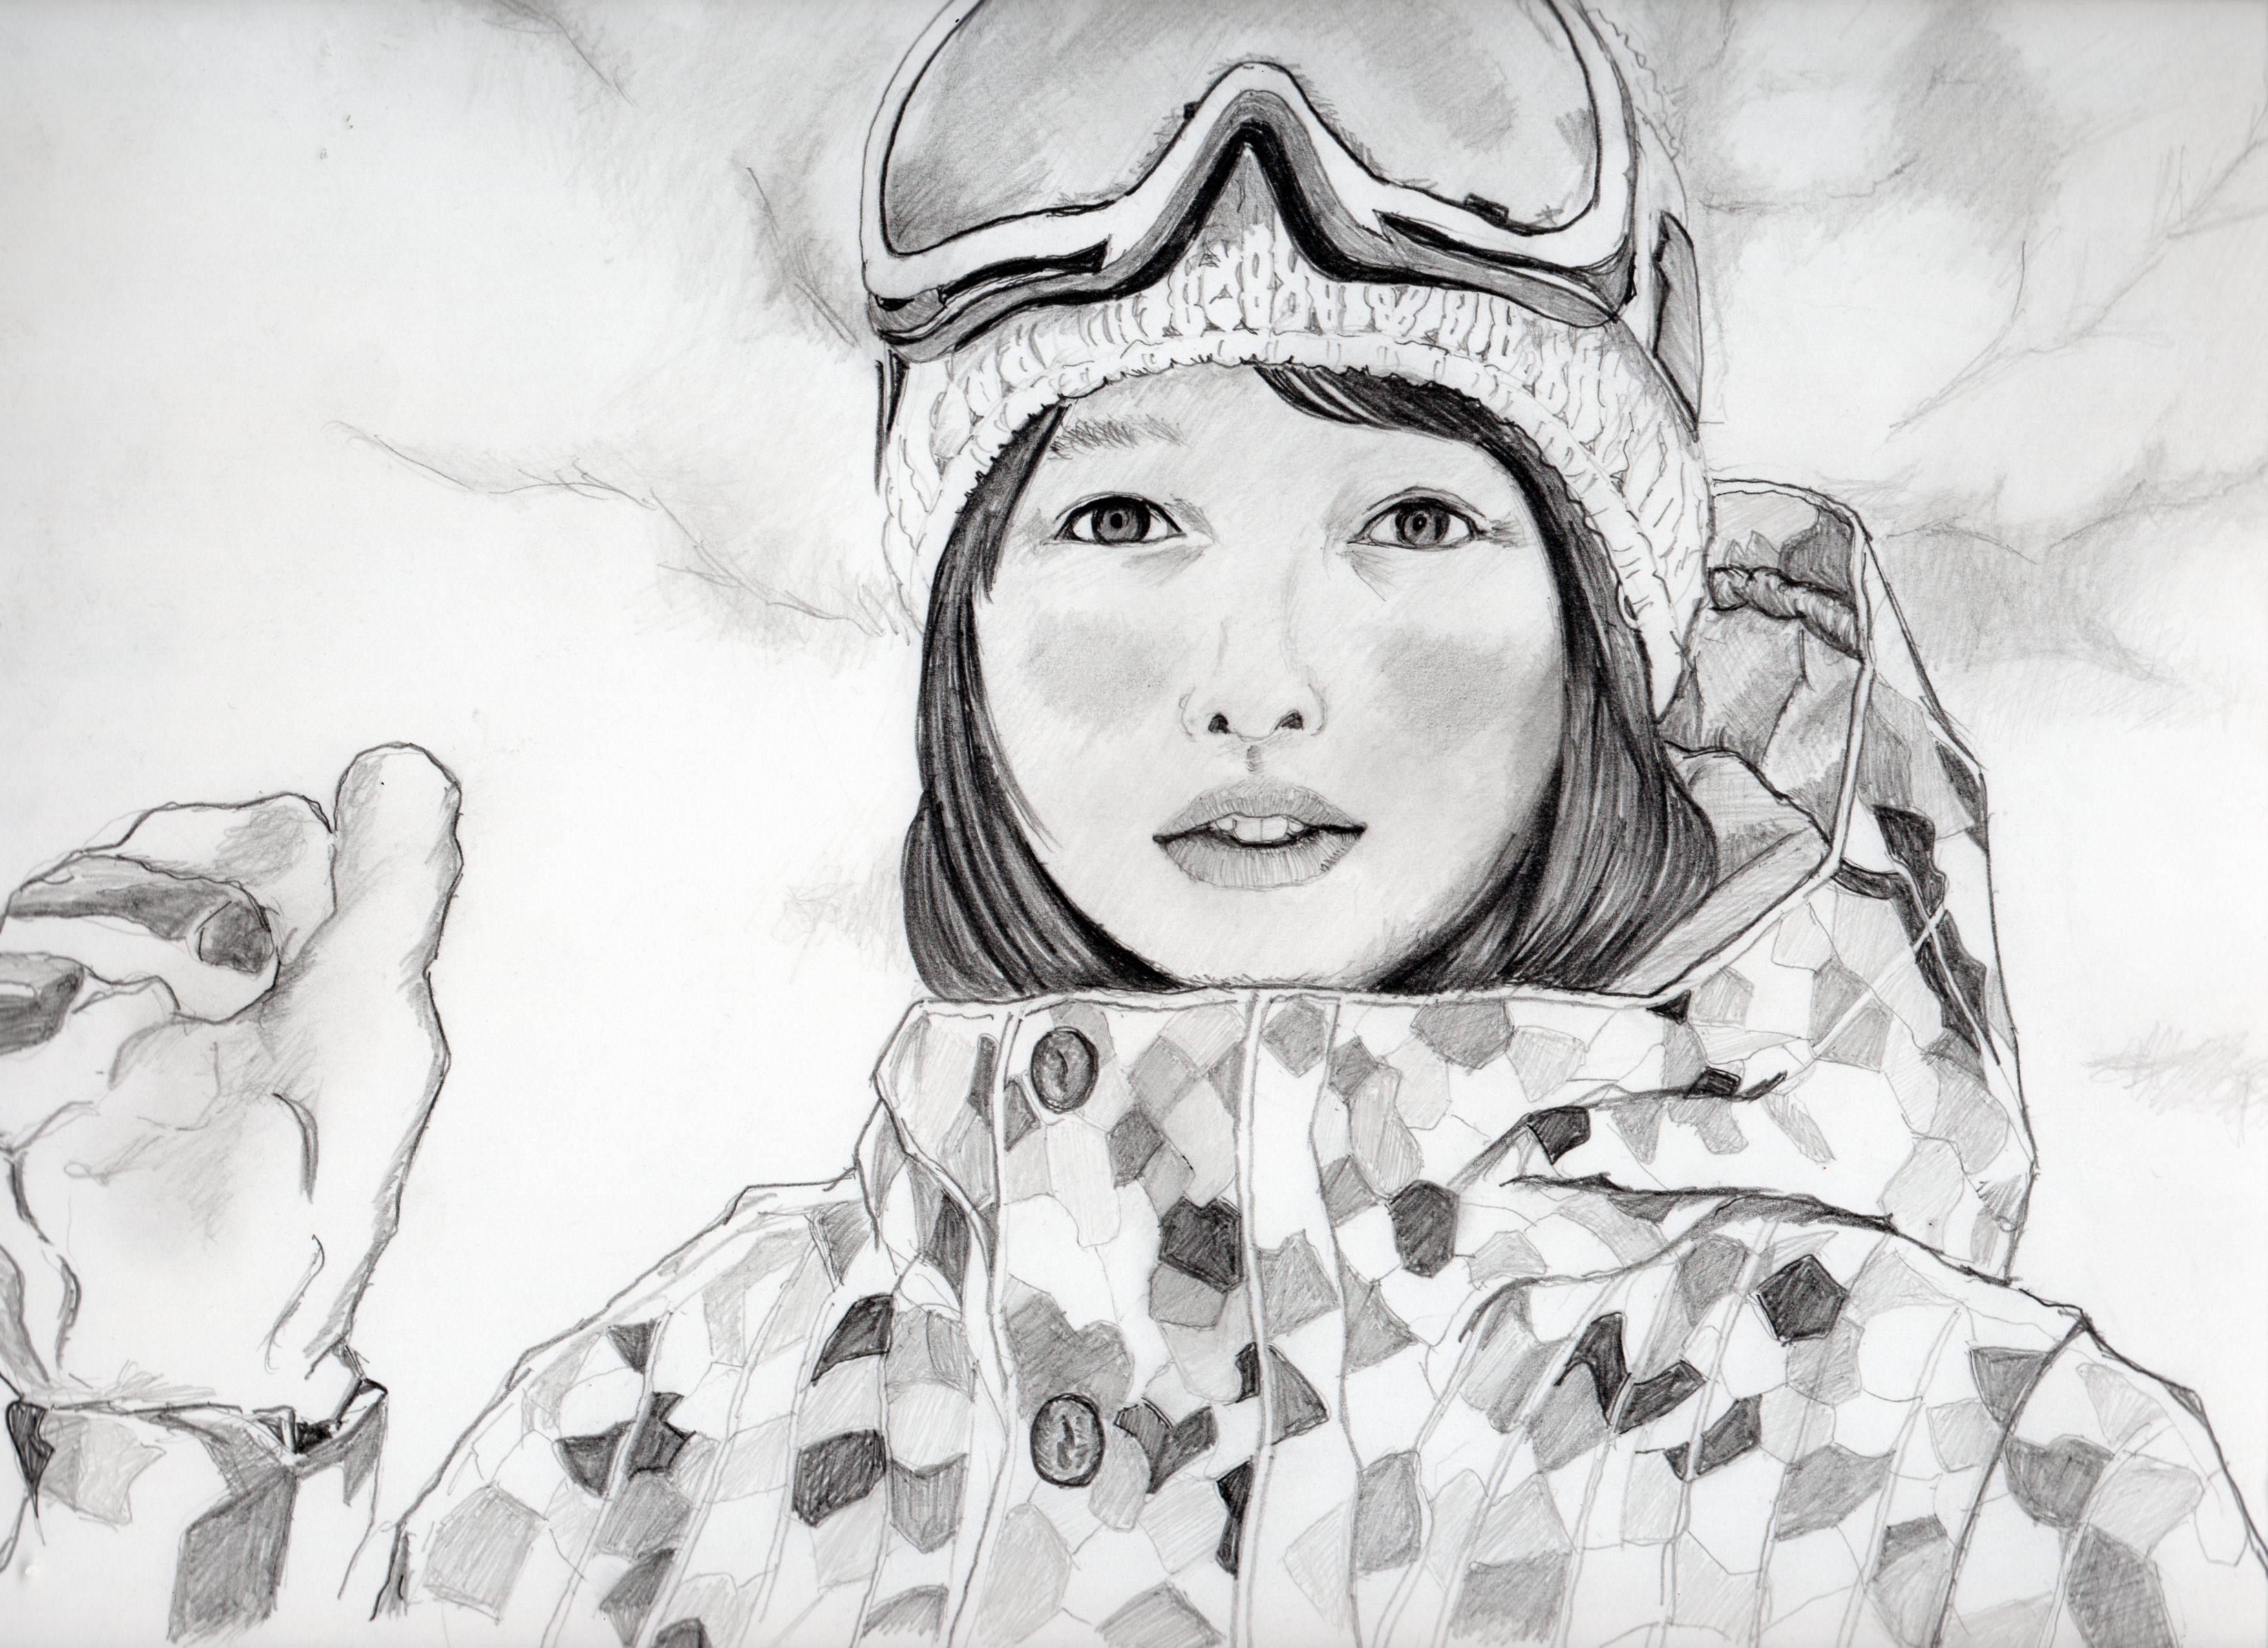 桜井日奈子の鉛筆画似顔絵、桜井日奈子のリアル鉛筆画似顔絵